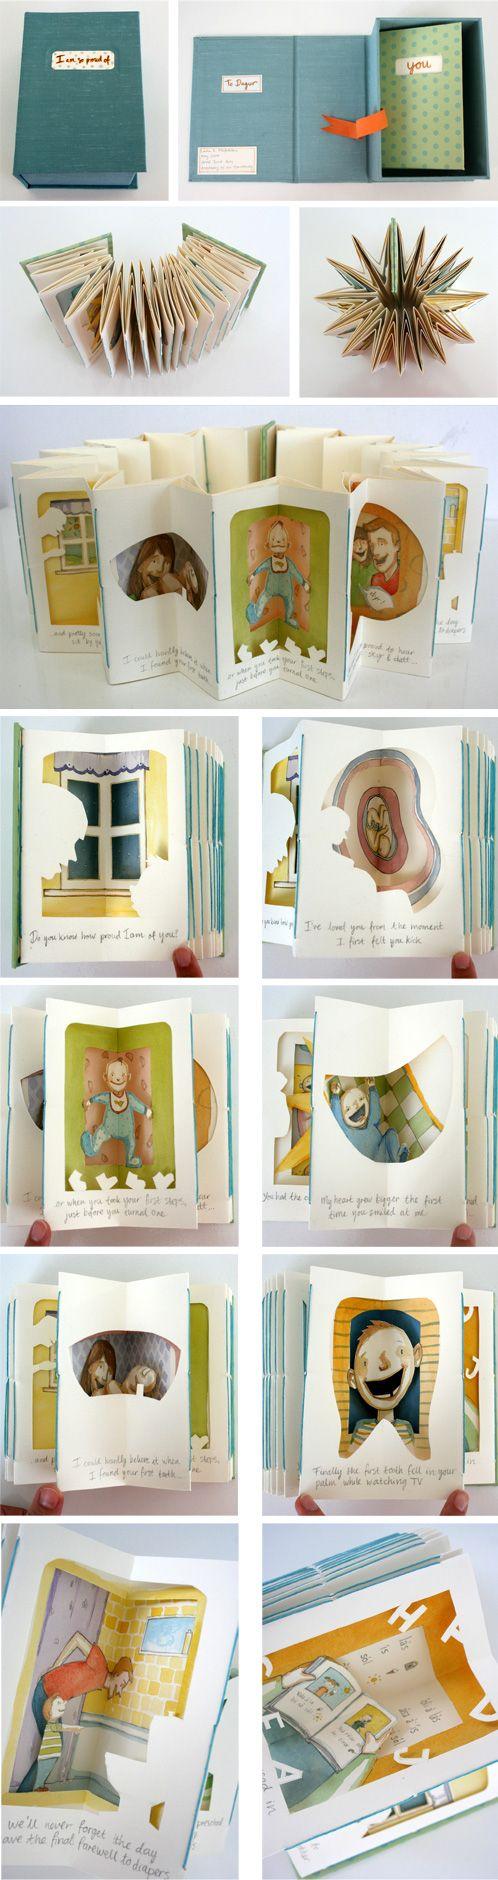 书折步骤及图片